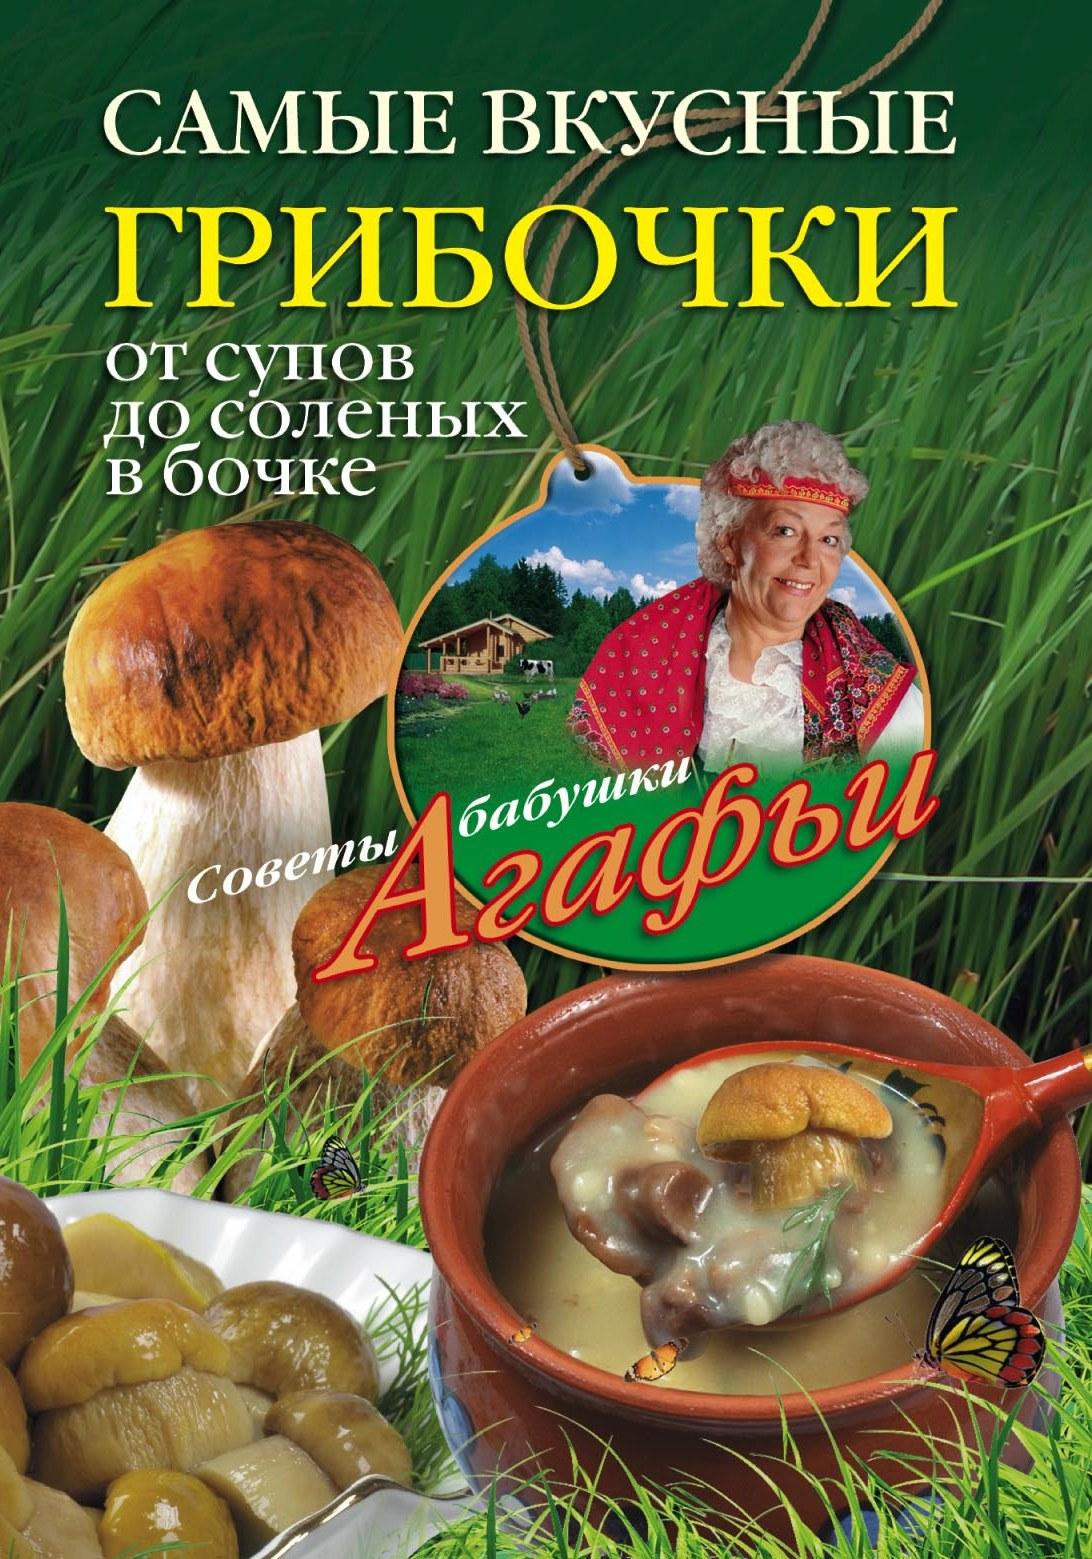 Агафья Звонарева Самые вкусные грибочки. От супов до соленых в бочке